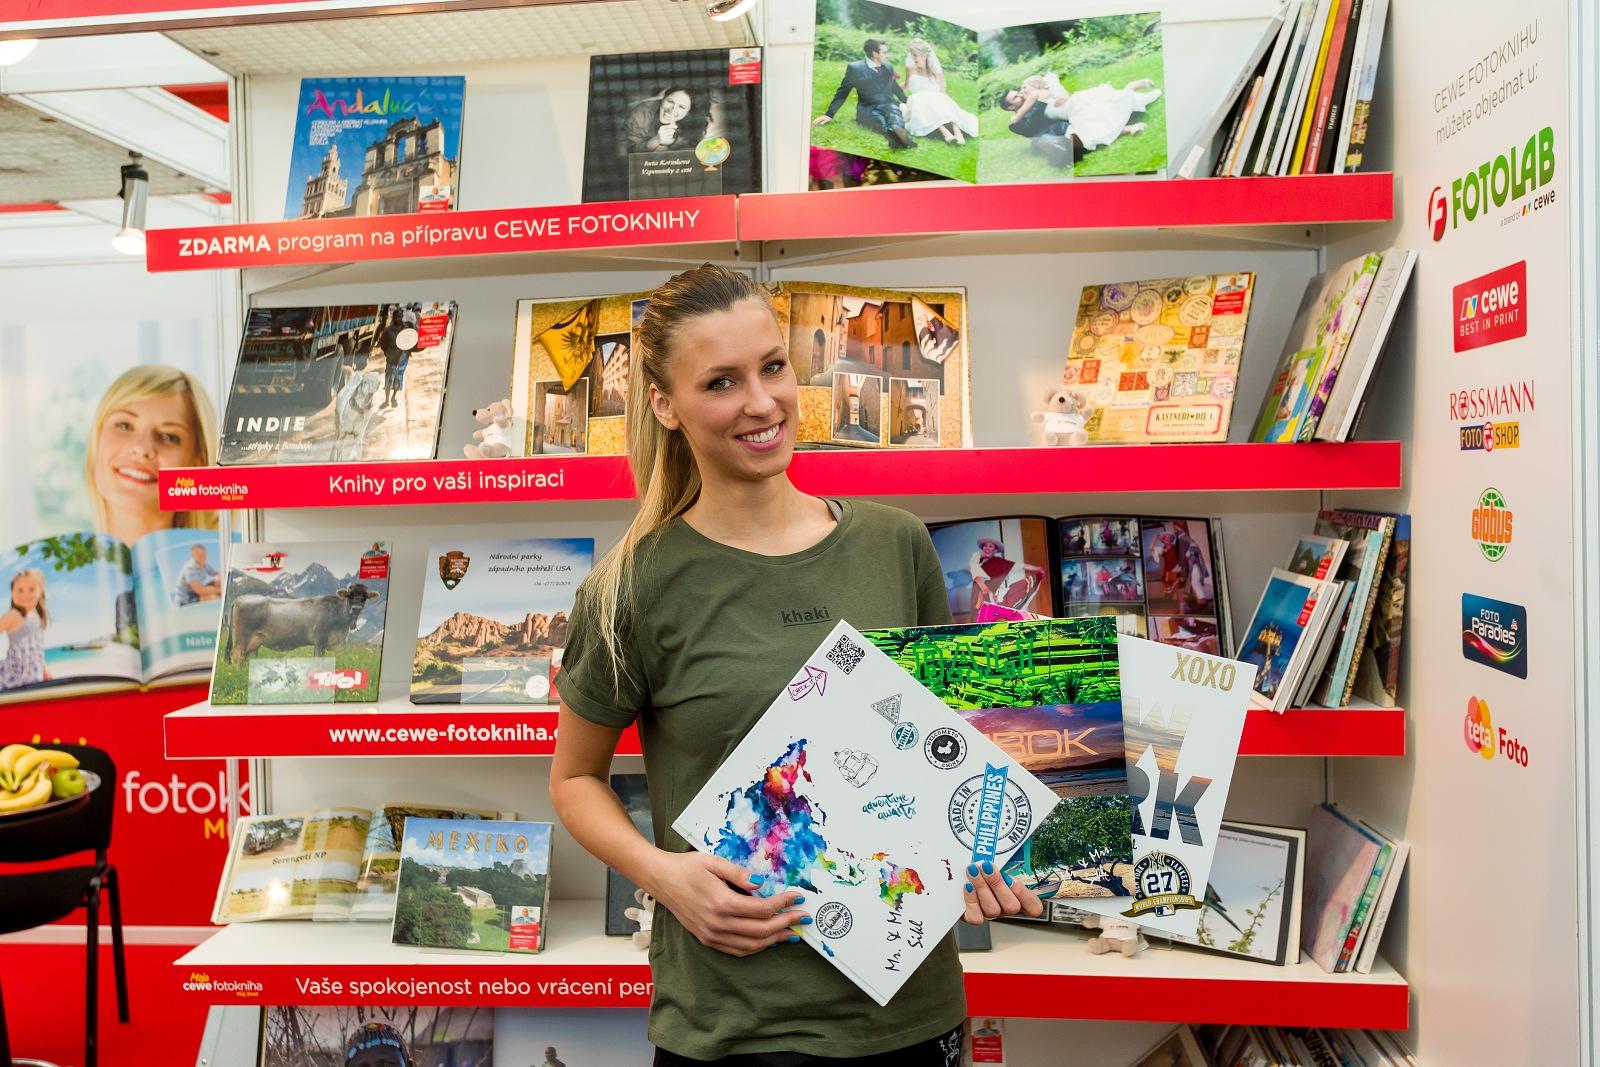 Blogerka Kamila Šiklová měla na veletrhu seminář Jak na kreativní CEWE FOTOKNIHU.